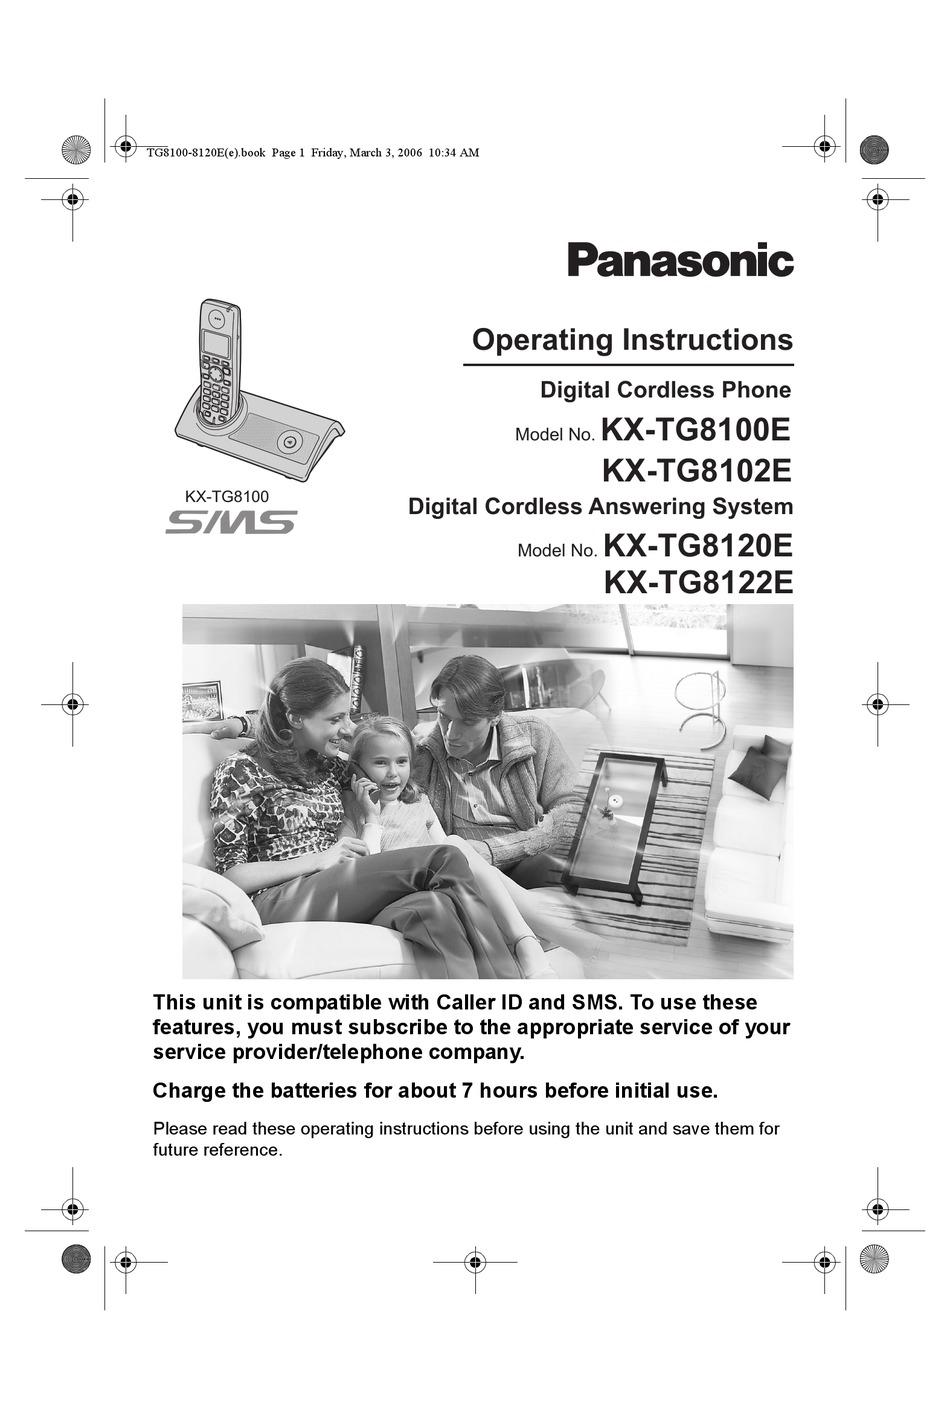 PANASONIC KX-TG8100E OPERATING INSTRUCTIONS MANUAL Pdf